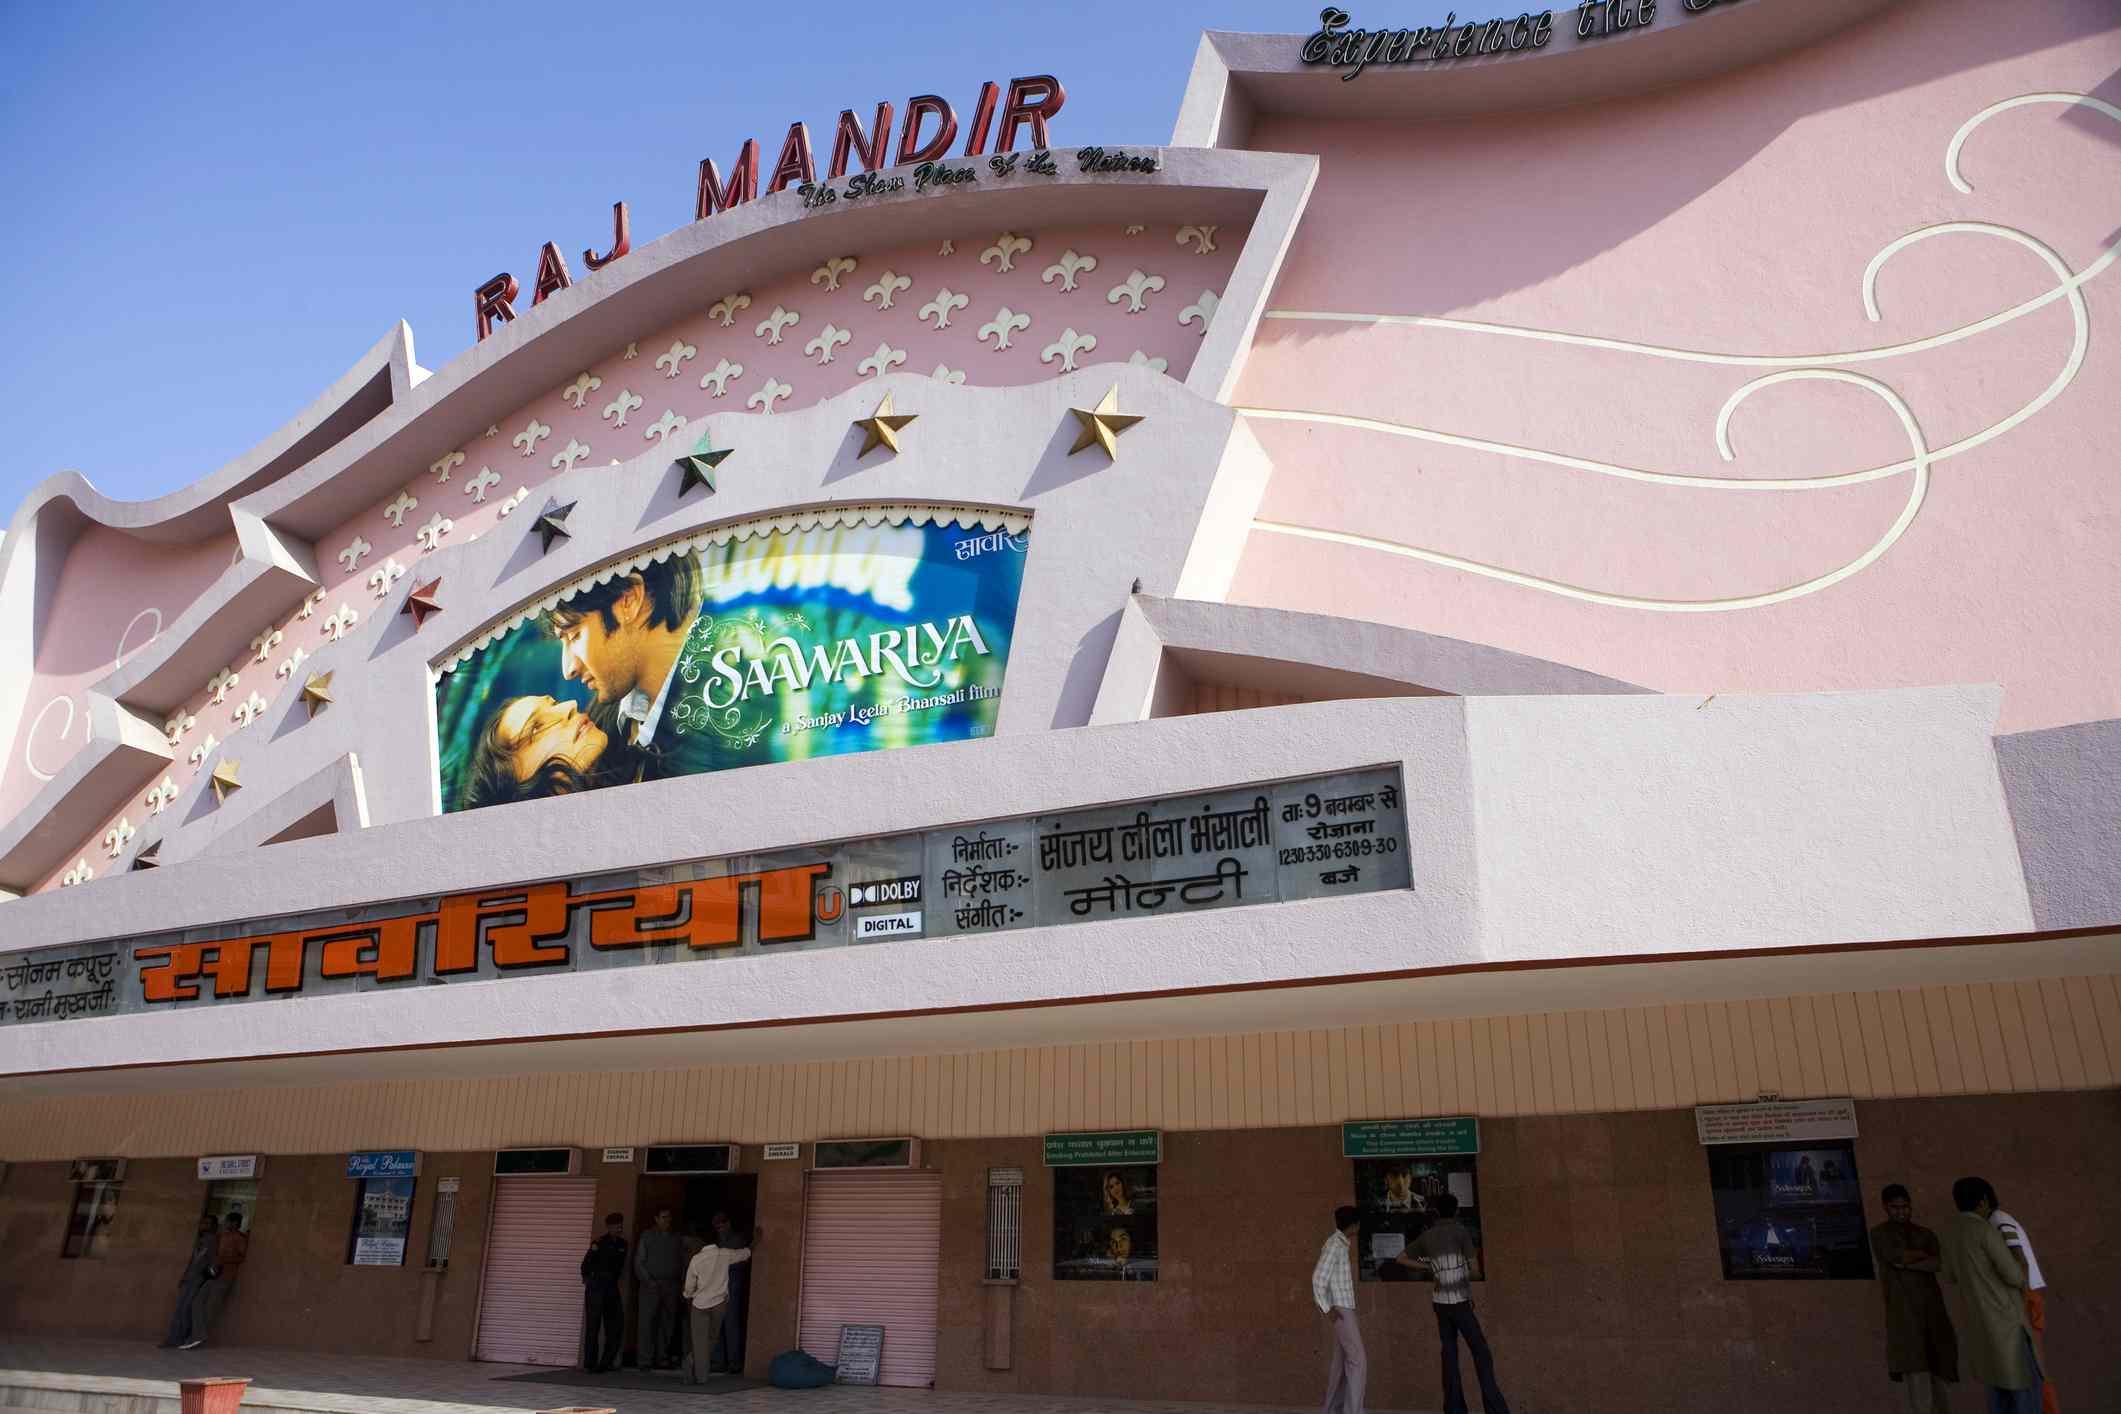 Raj Mandir cinema, Jaipur.